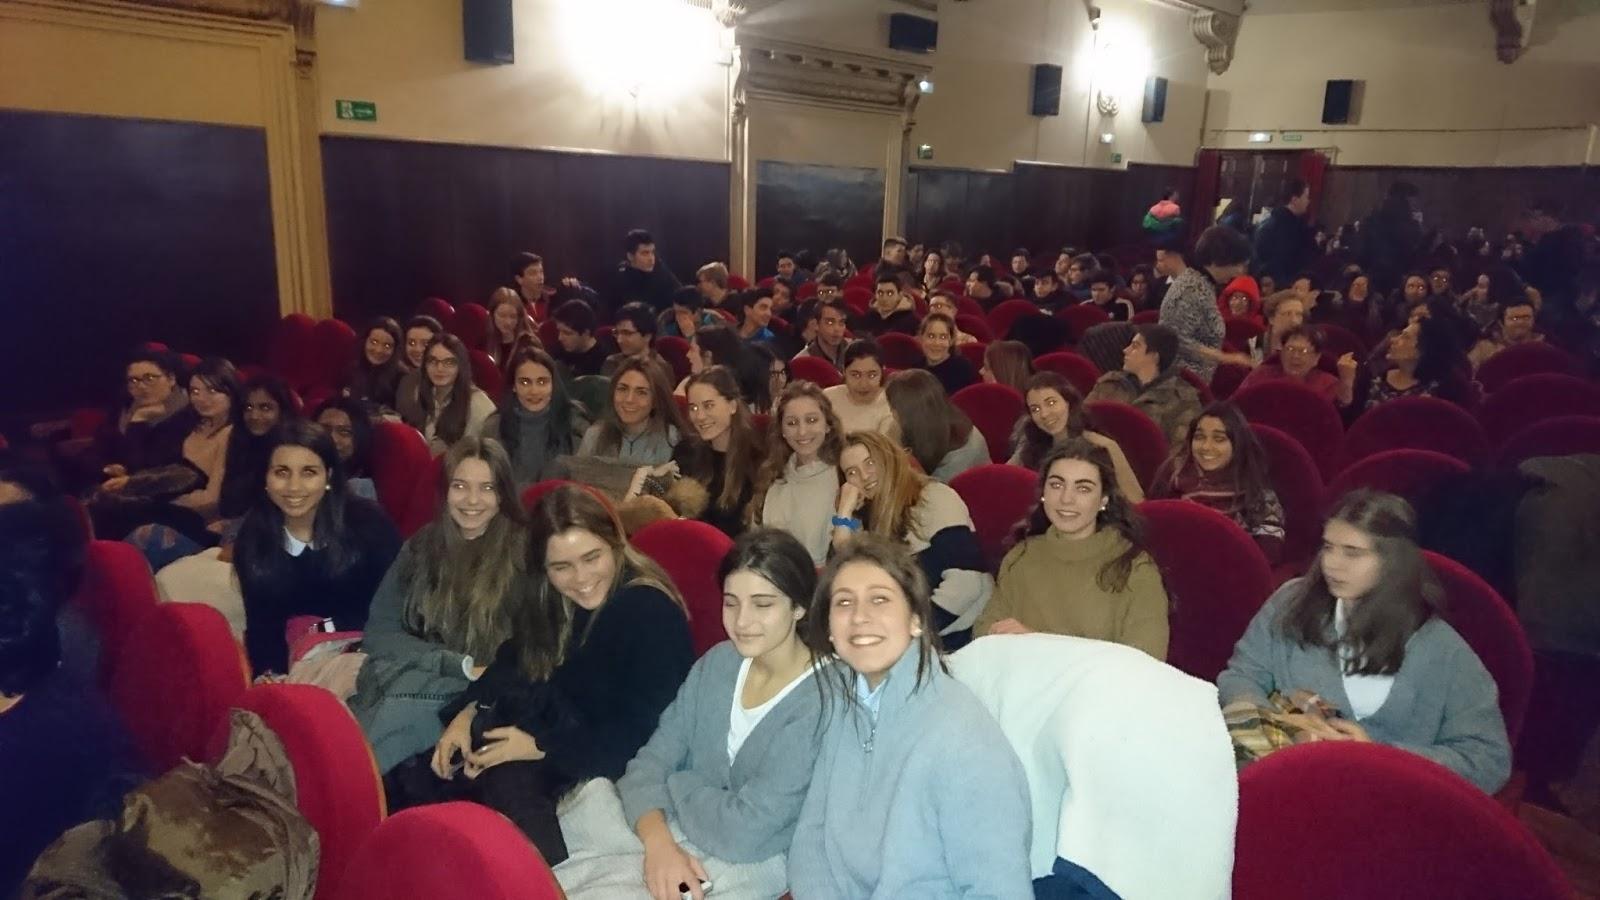 Agustinas Valladolid - 2017 - Bachillerato 1 - Teatro - Bodas de Sangre